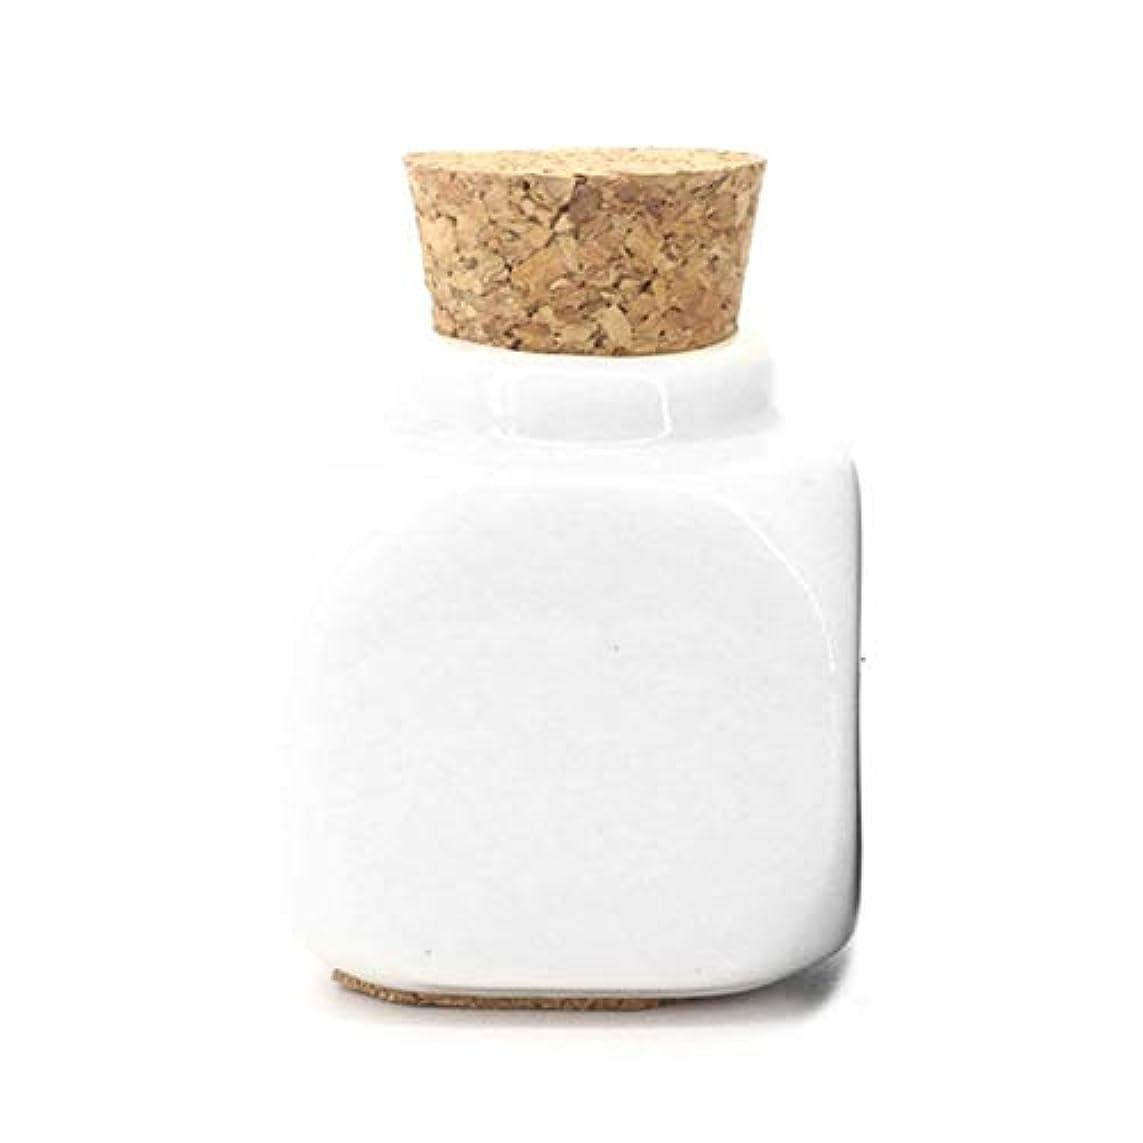 虚弱鈍い悪行1ピースセラミックガラス液体ガラス粉末Dappen皿クリスタルガラスカップ用アクリルネイルアートアクセサリー - ホワイト